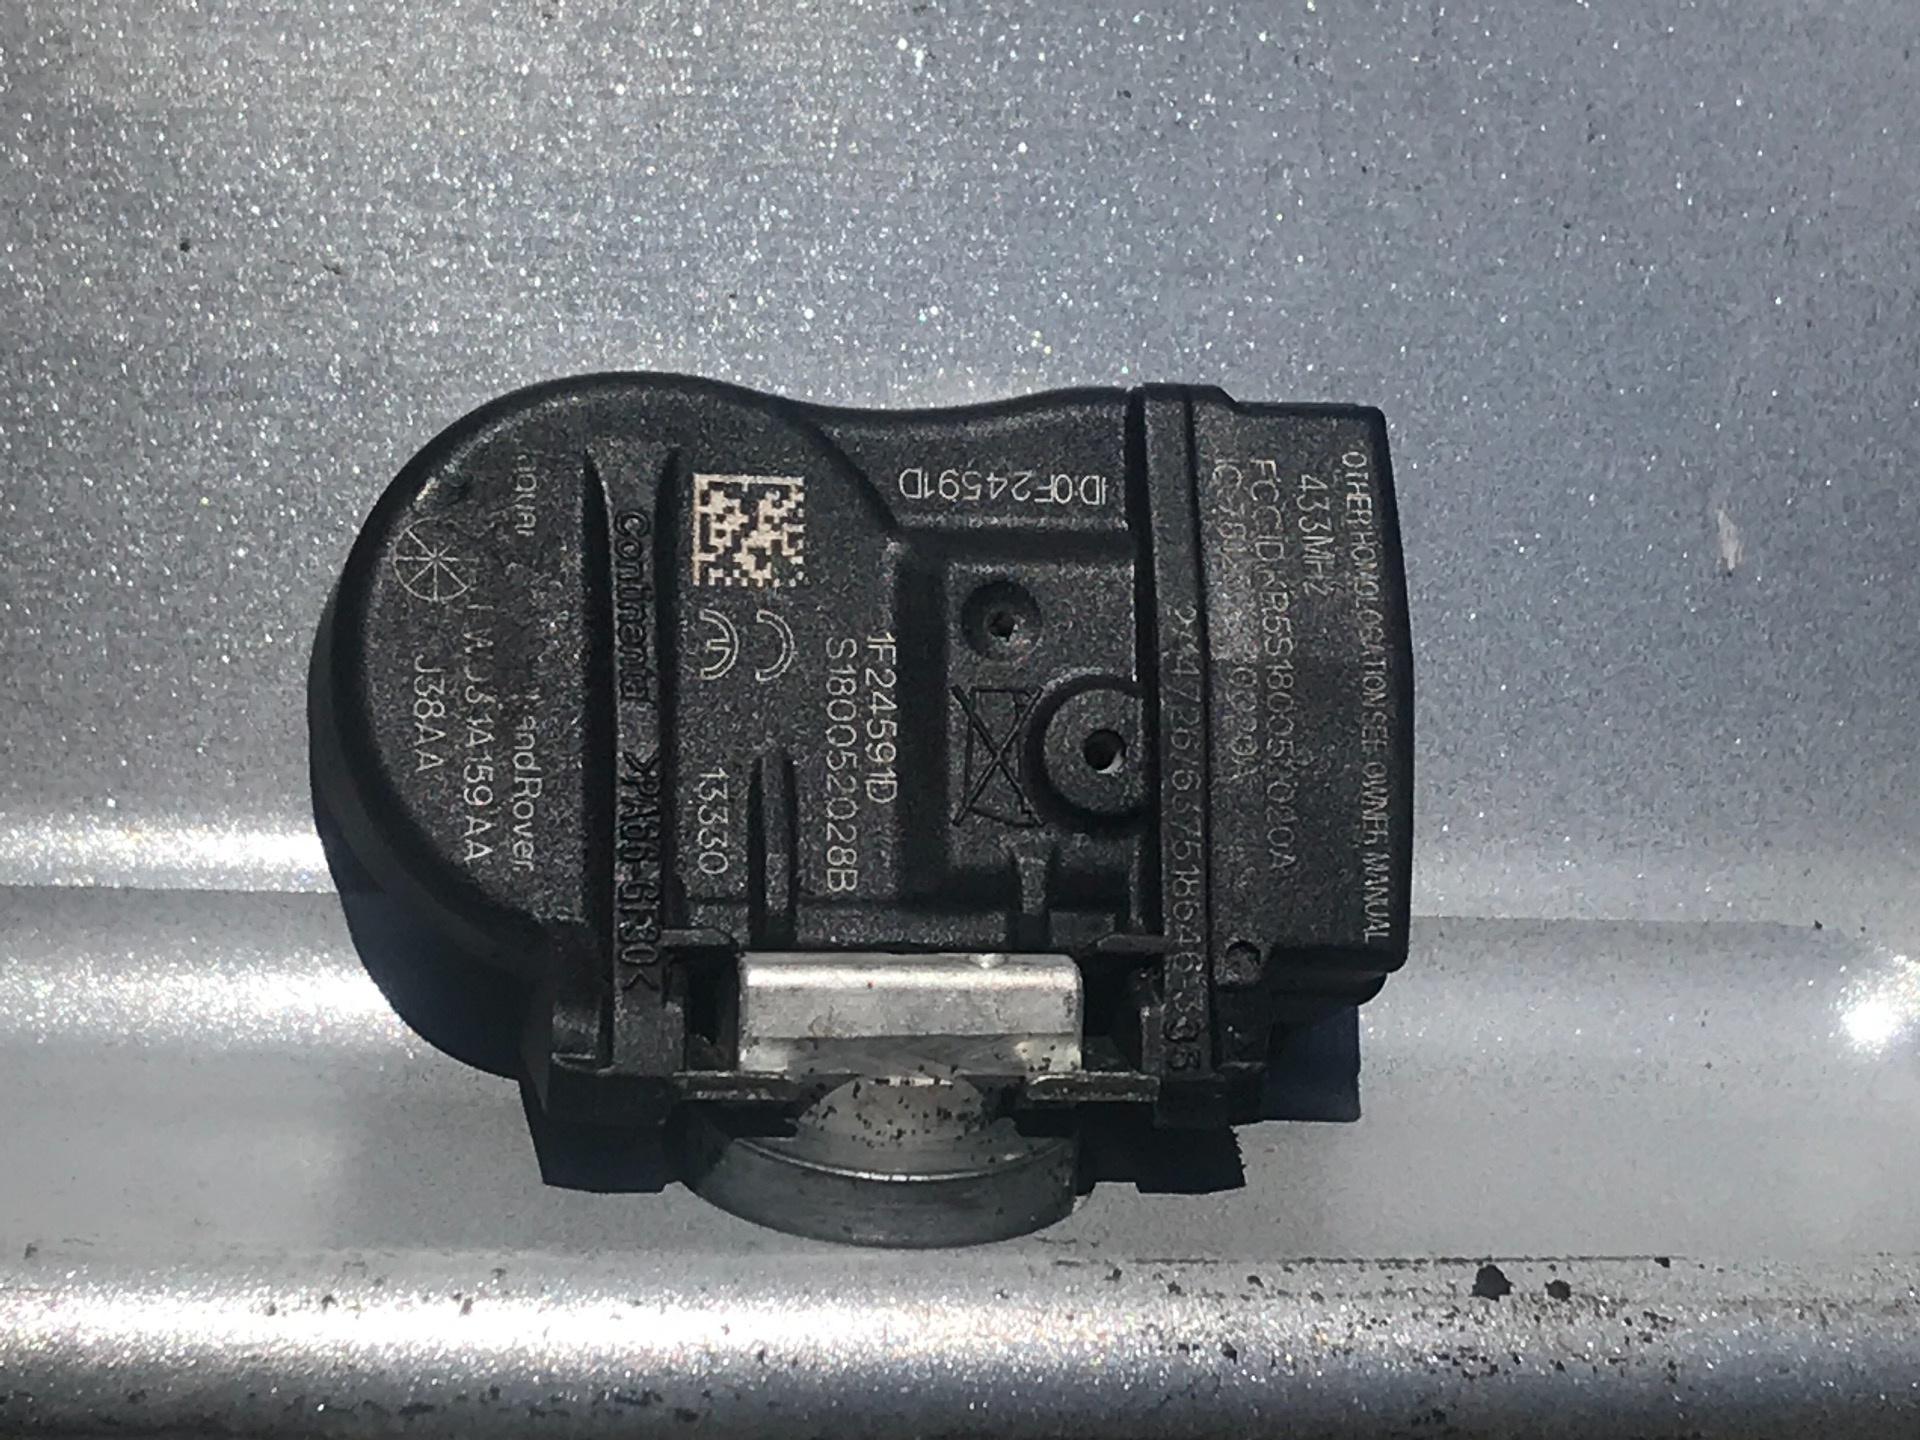 84D2E514-064D-4CA5-ADCC-09CCA009BAEF.jpeg